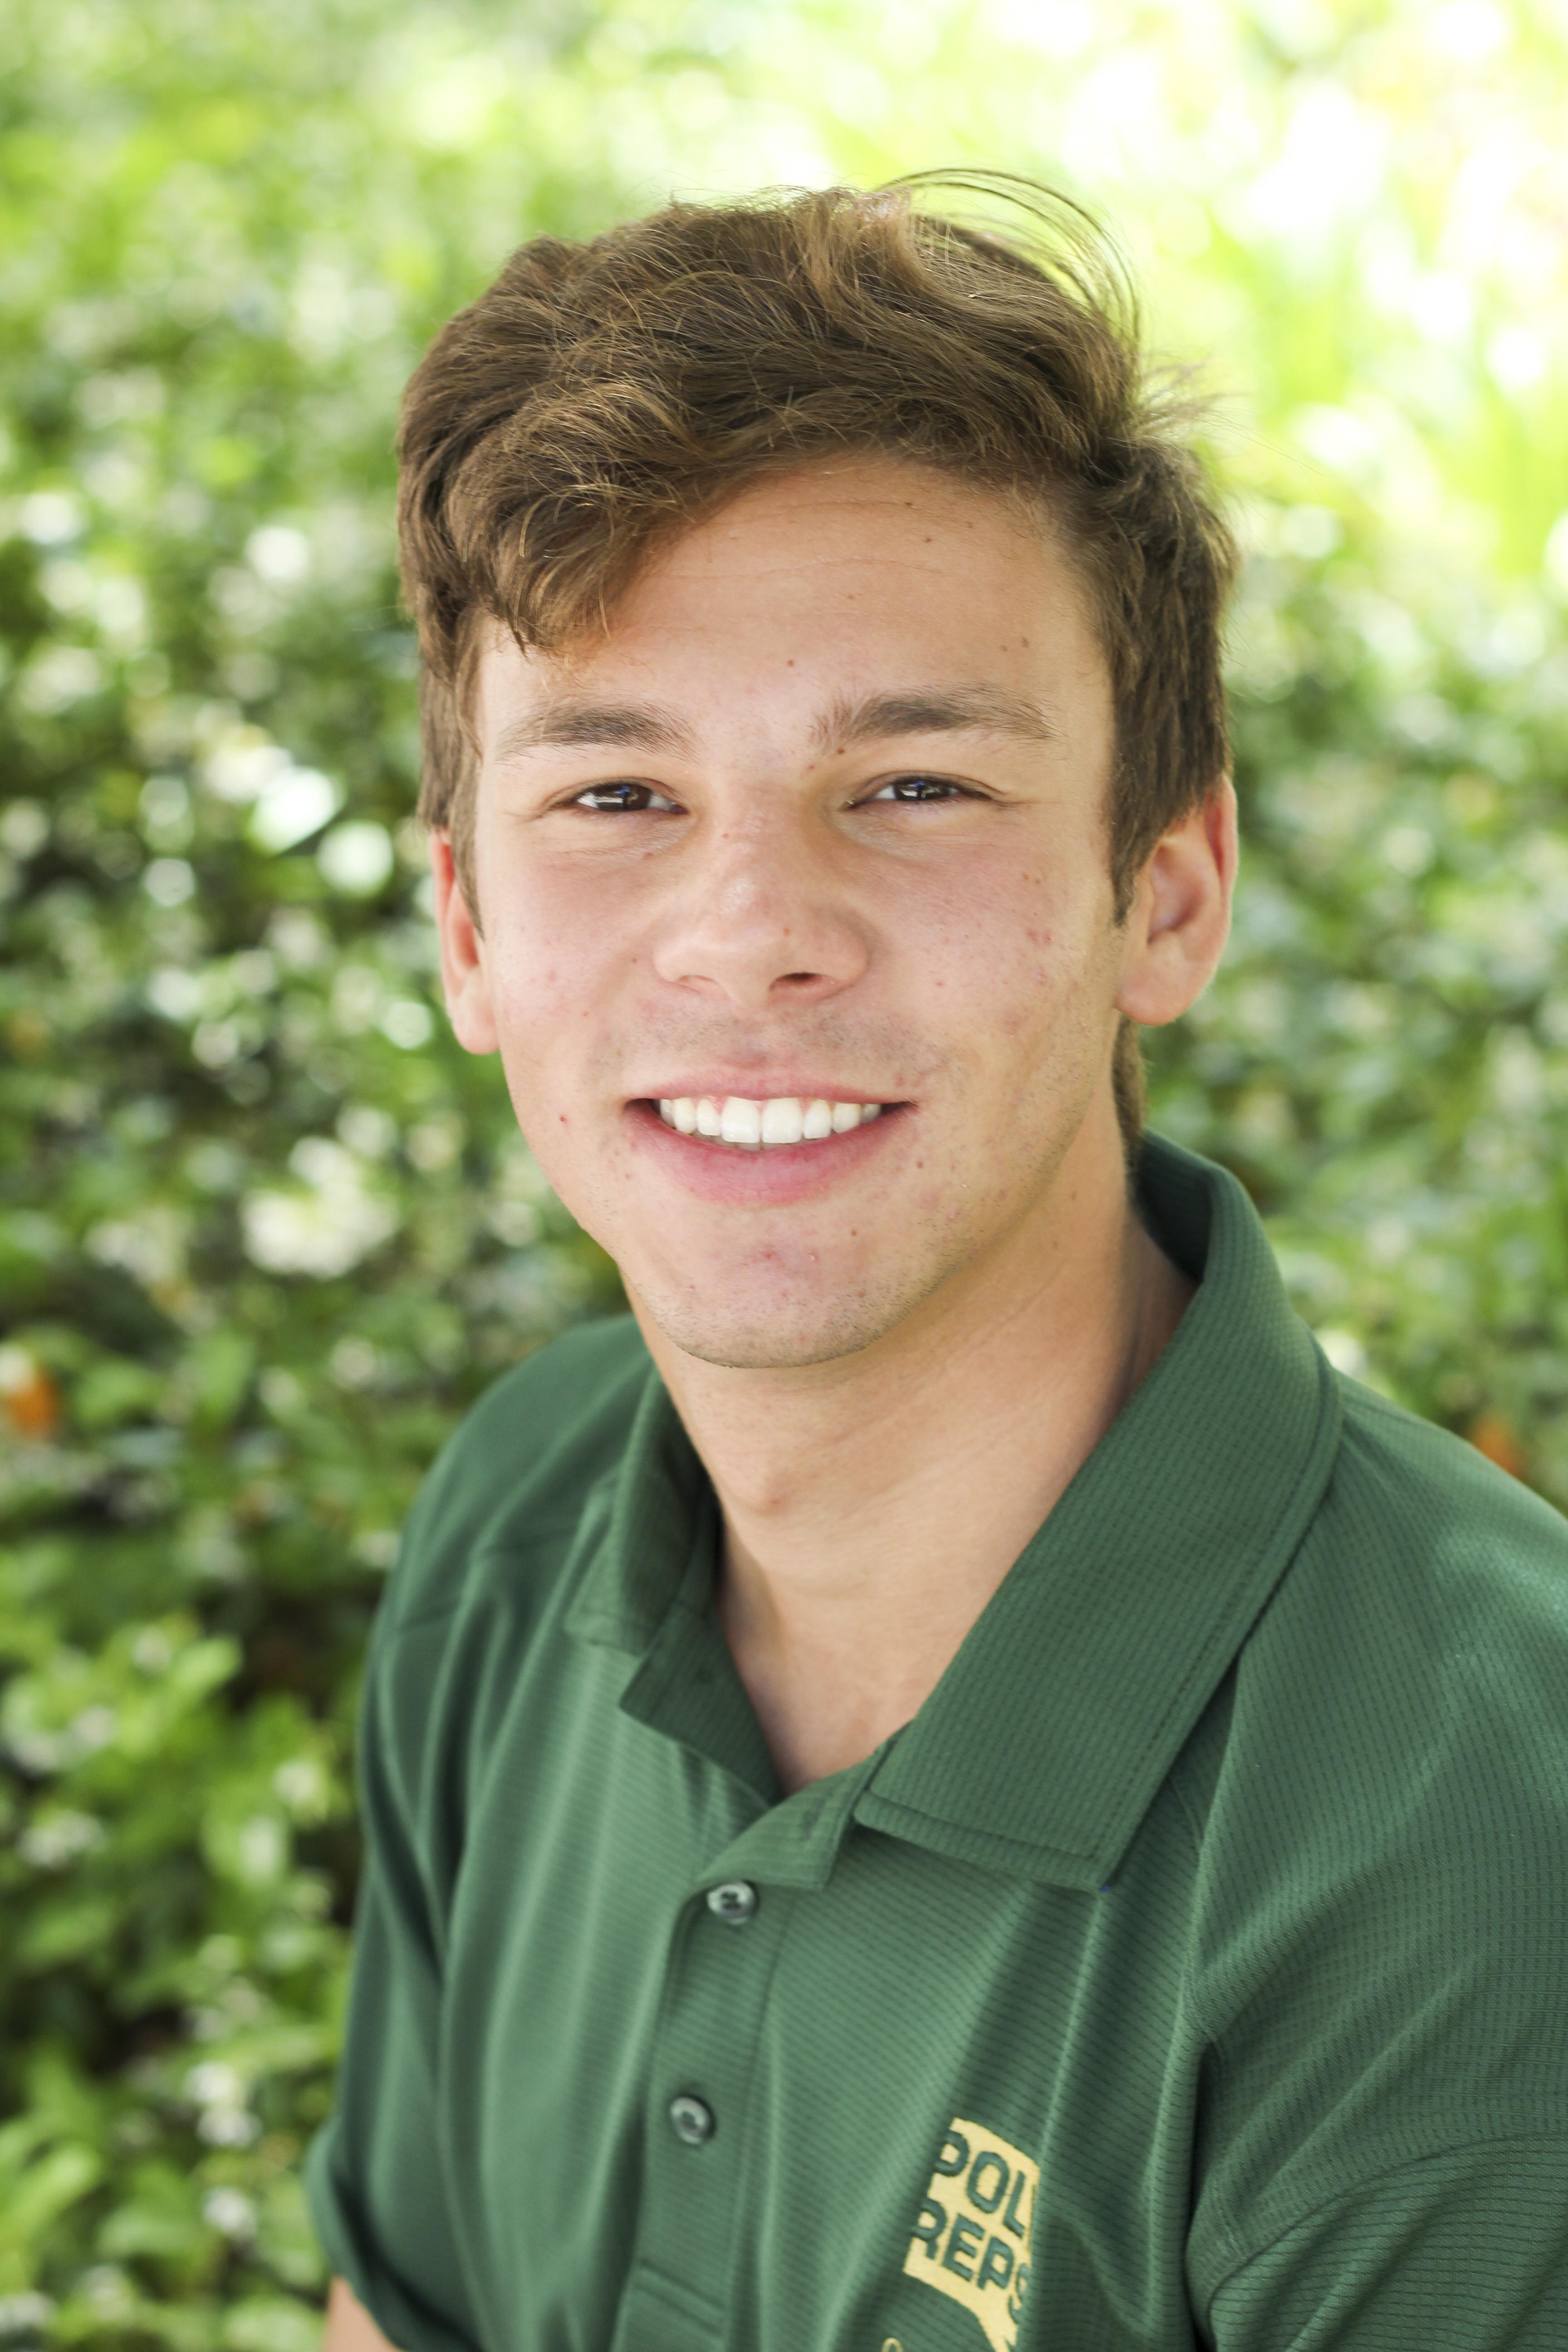 Jacob Torrey